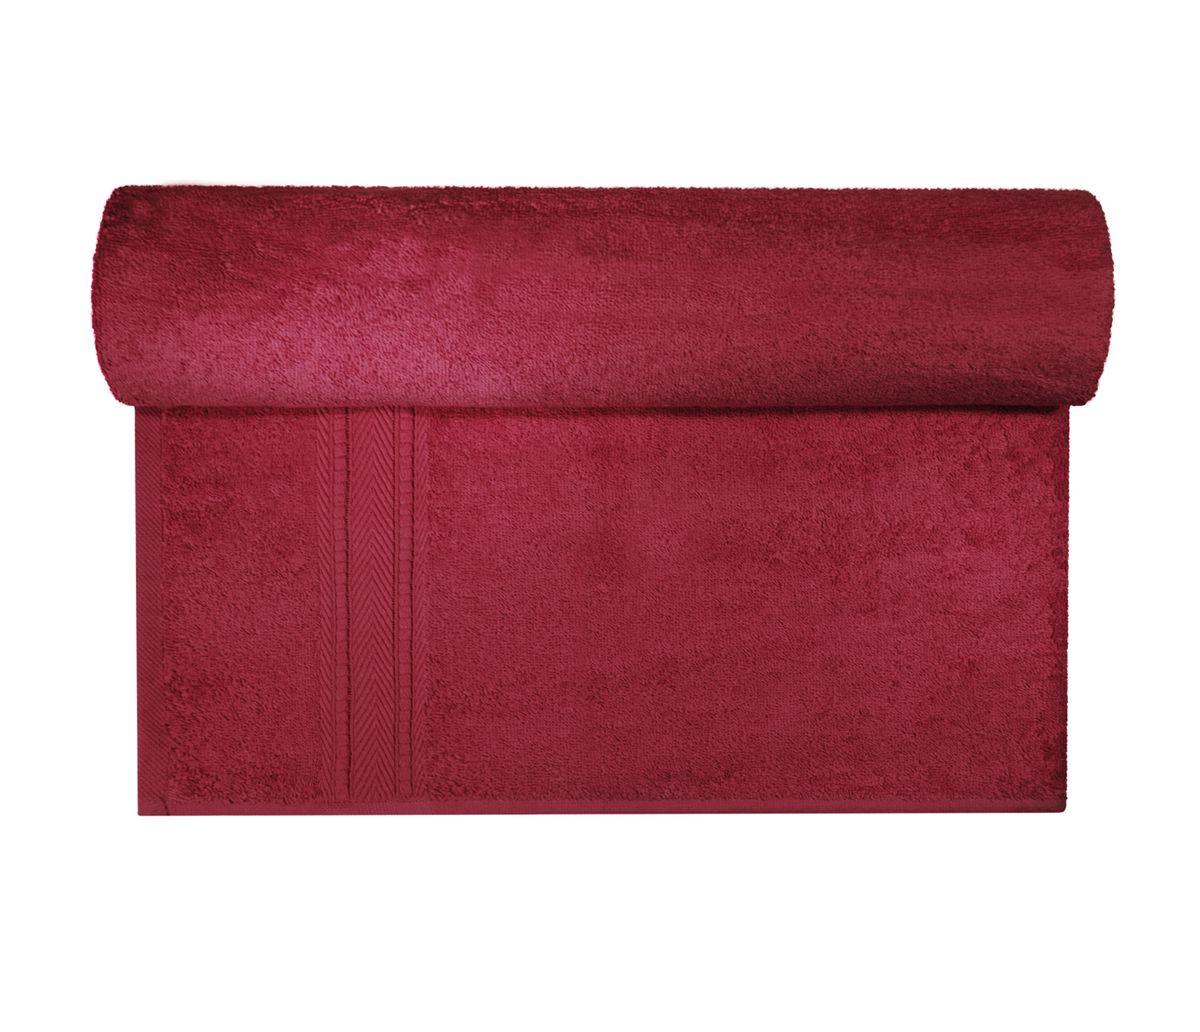 Полотенце махровое Osborn Textile, цвет: бордовый, 70 х 140 смУзТ-МПБ-004-02-18В состав полотенца Osborn Textile входит только натуральное волокно - хлопок. Лаконичные бордюры подойдут для любого интерьера ванной комнаты. Полотенце прекрасно впитывает влагу и быстро сохнет. При соблюдении рекомендаций по уходу не линяет и не теряет форму даже после многократных стирок. Плотность: 450 г/м2.